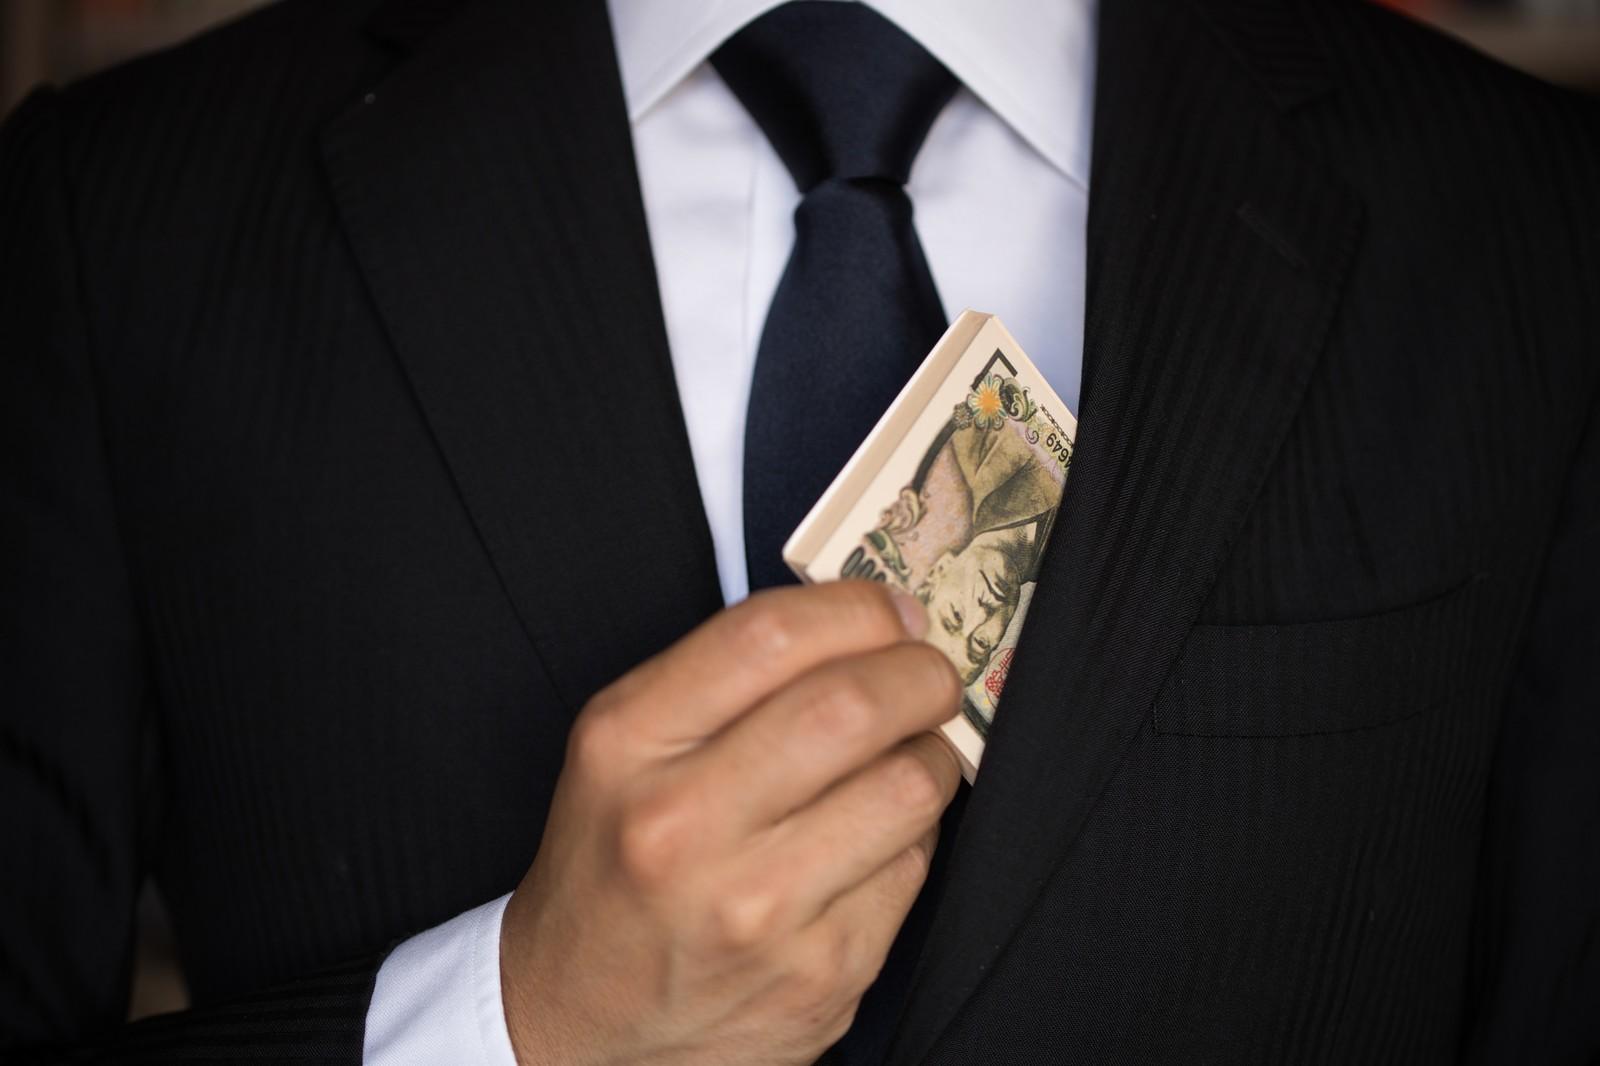 前田けゑ 遺産 資産 15億円 理由 画像